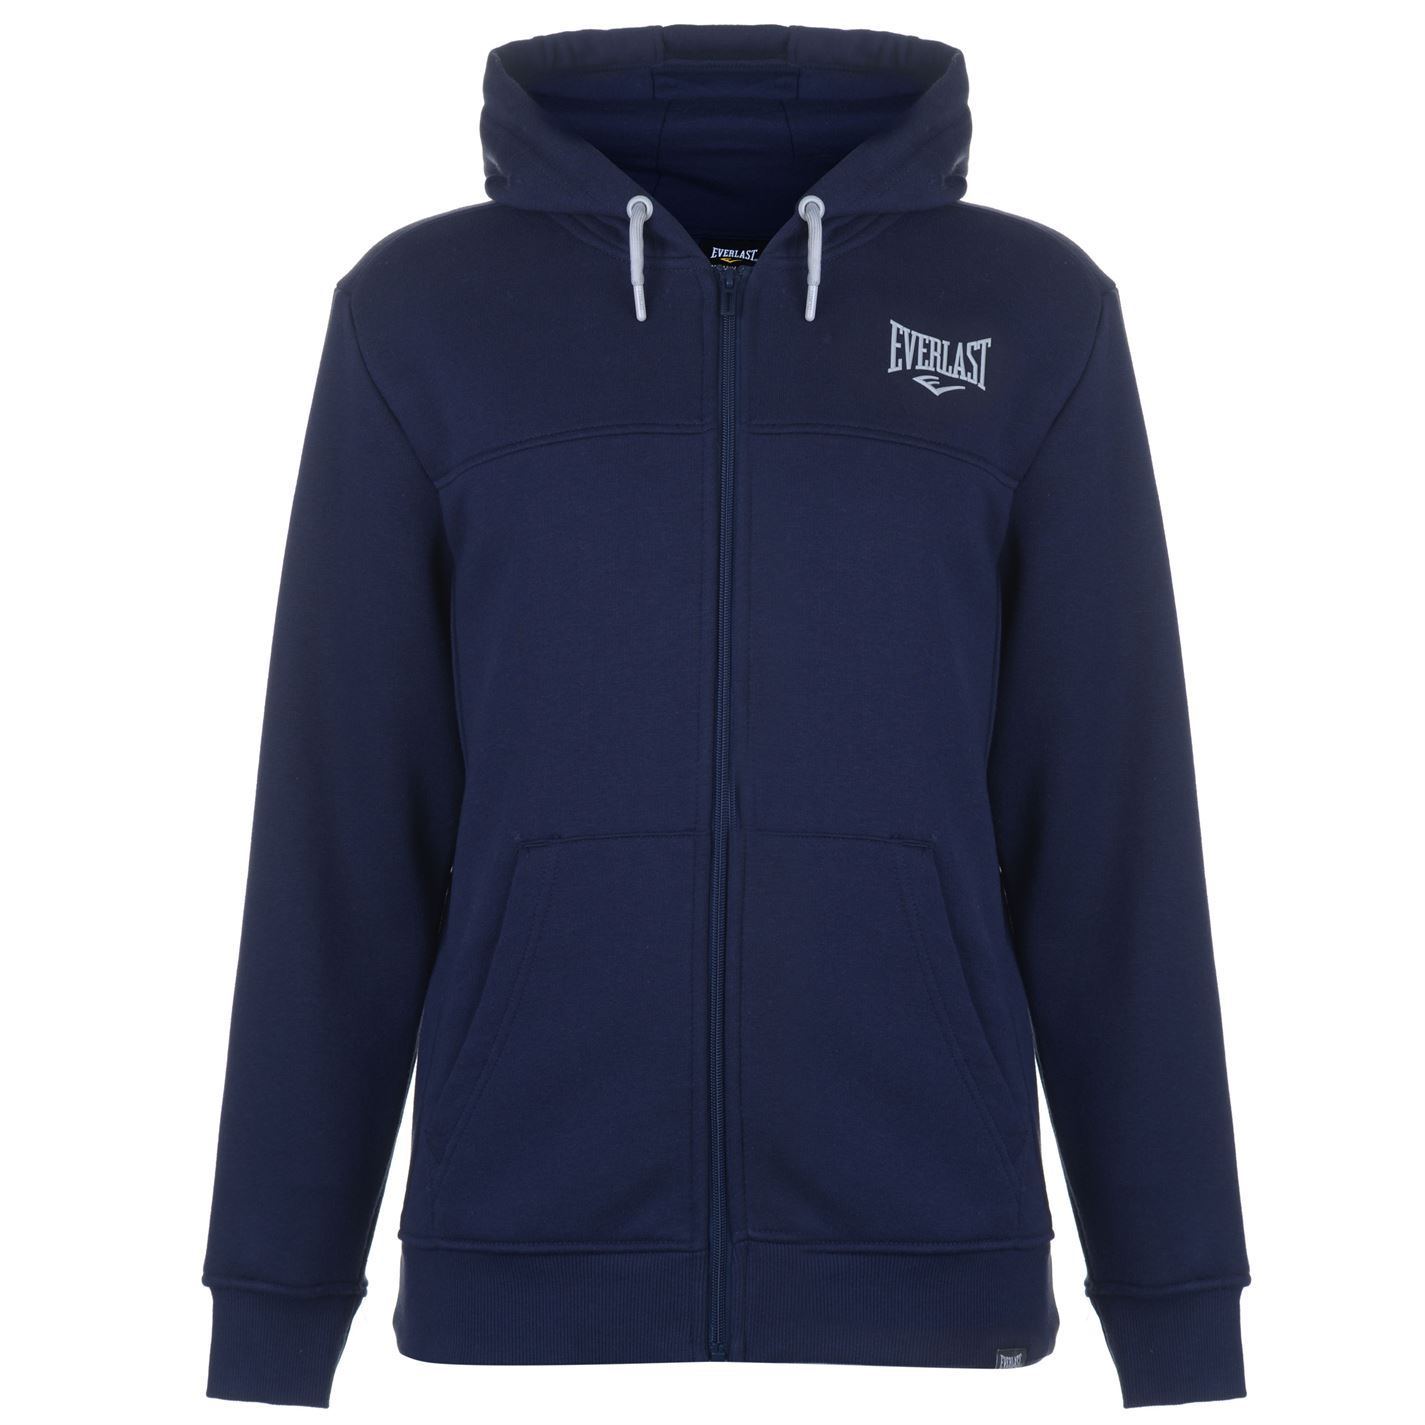 Everlast-Logo-Full-Zip-Hoody-Jacket-Mens-Hoodie-Sweatshirt-Sweater-Hooded-Top thumbnail 10